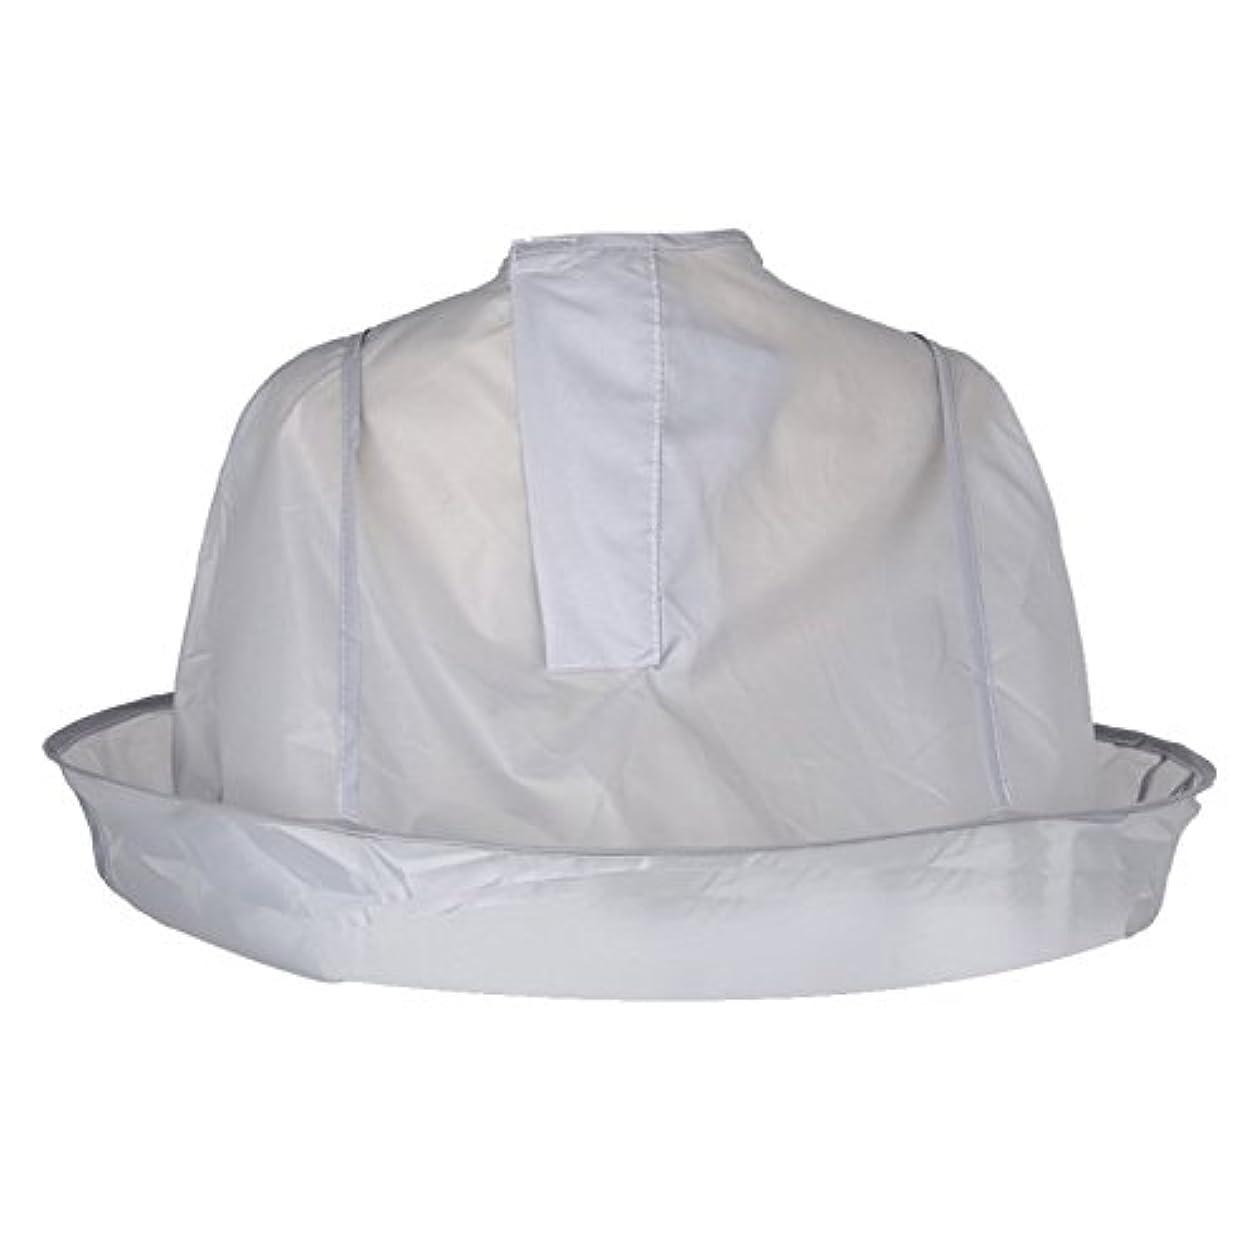 合理化確かに覚えているMSmask クローク傘ケープ理容室カッティングヘアー DIYサロンホーム理髪ケープシルバー